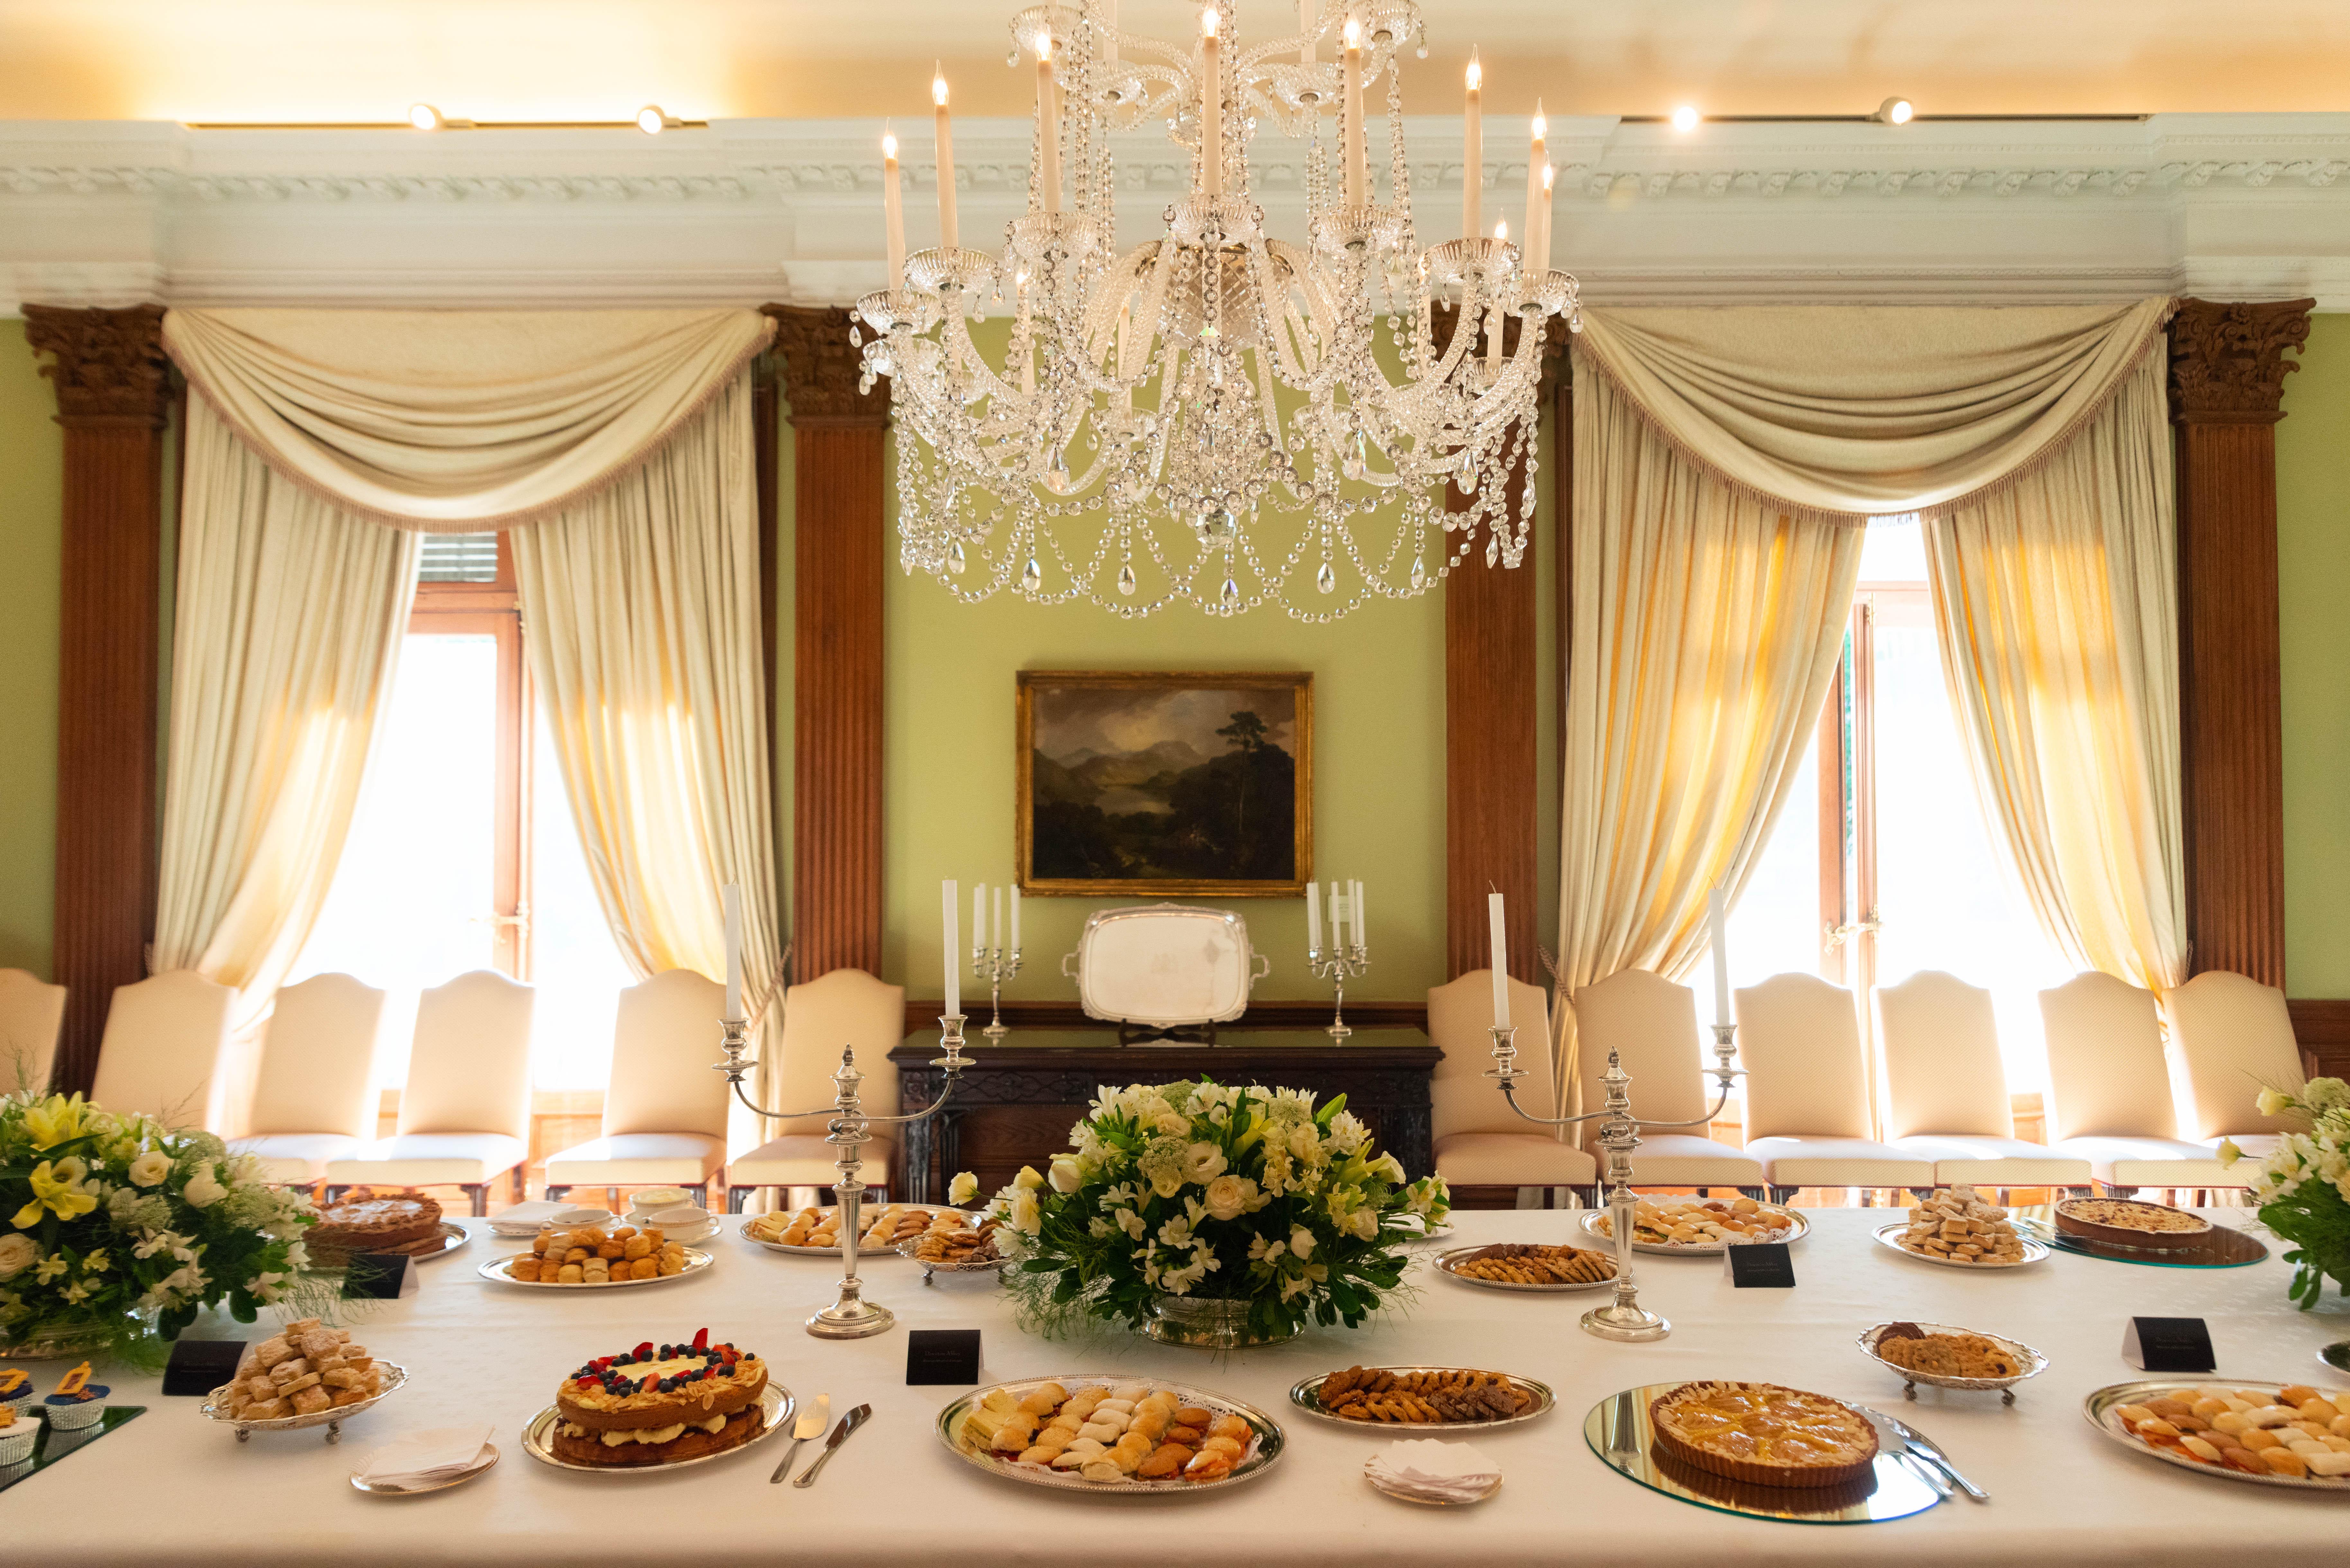 La tradicional ceremonia del té británico incluyó diversas delicias de la pastelería